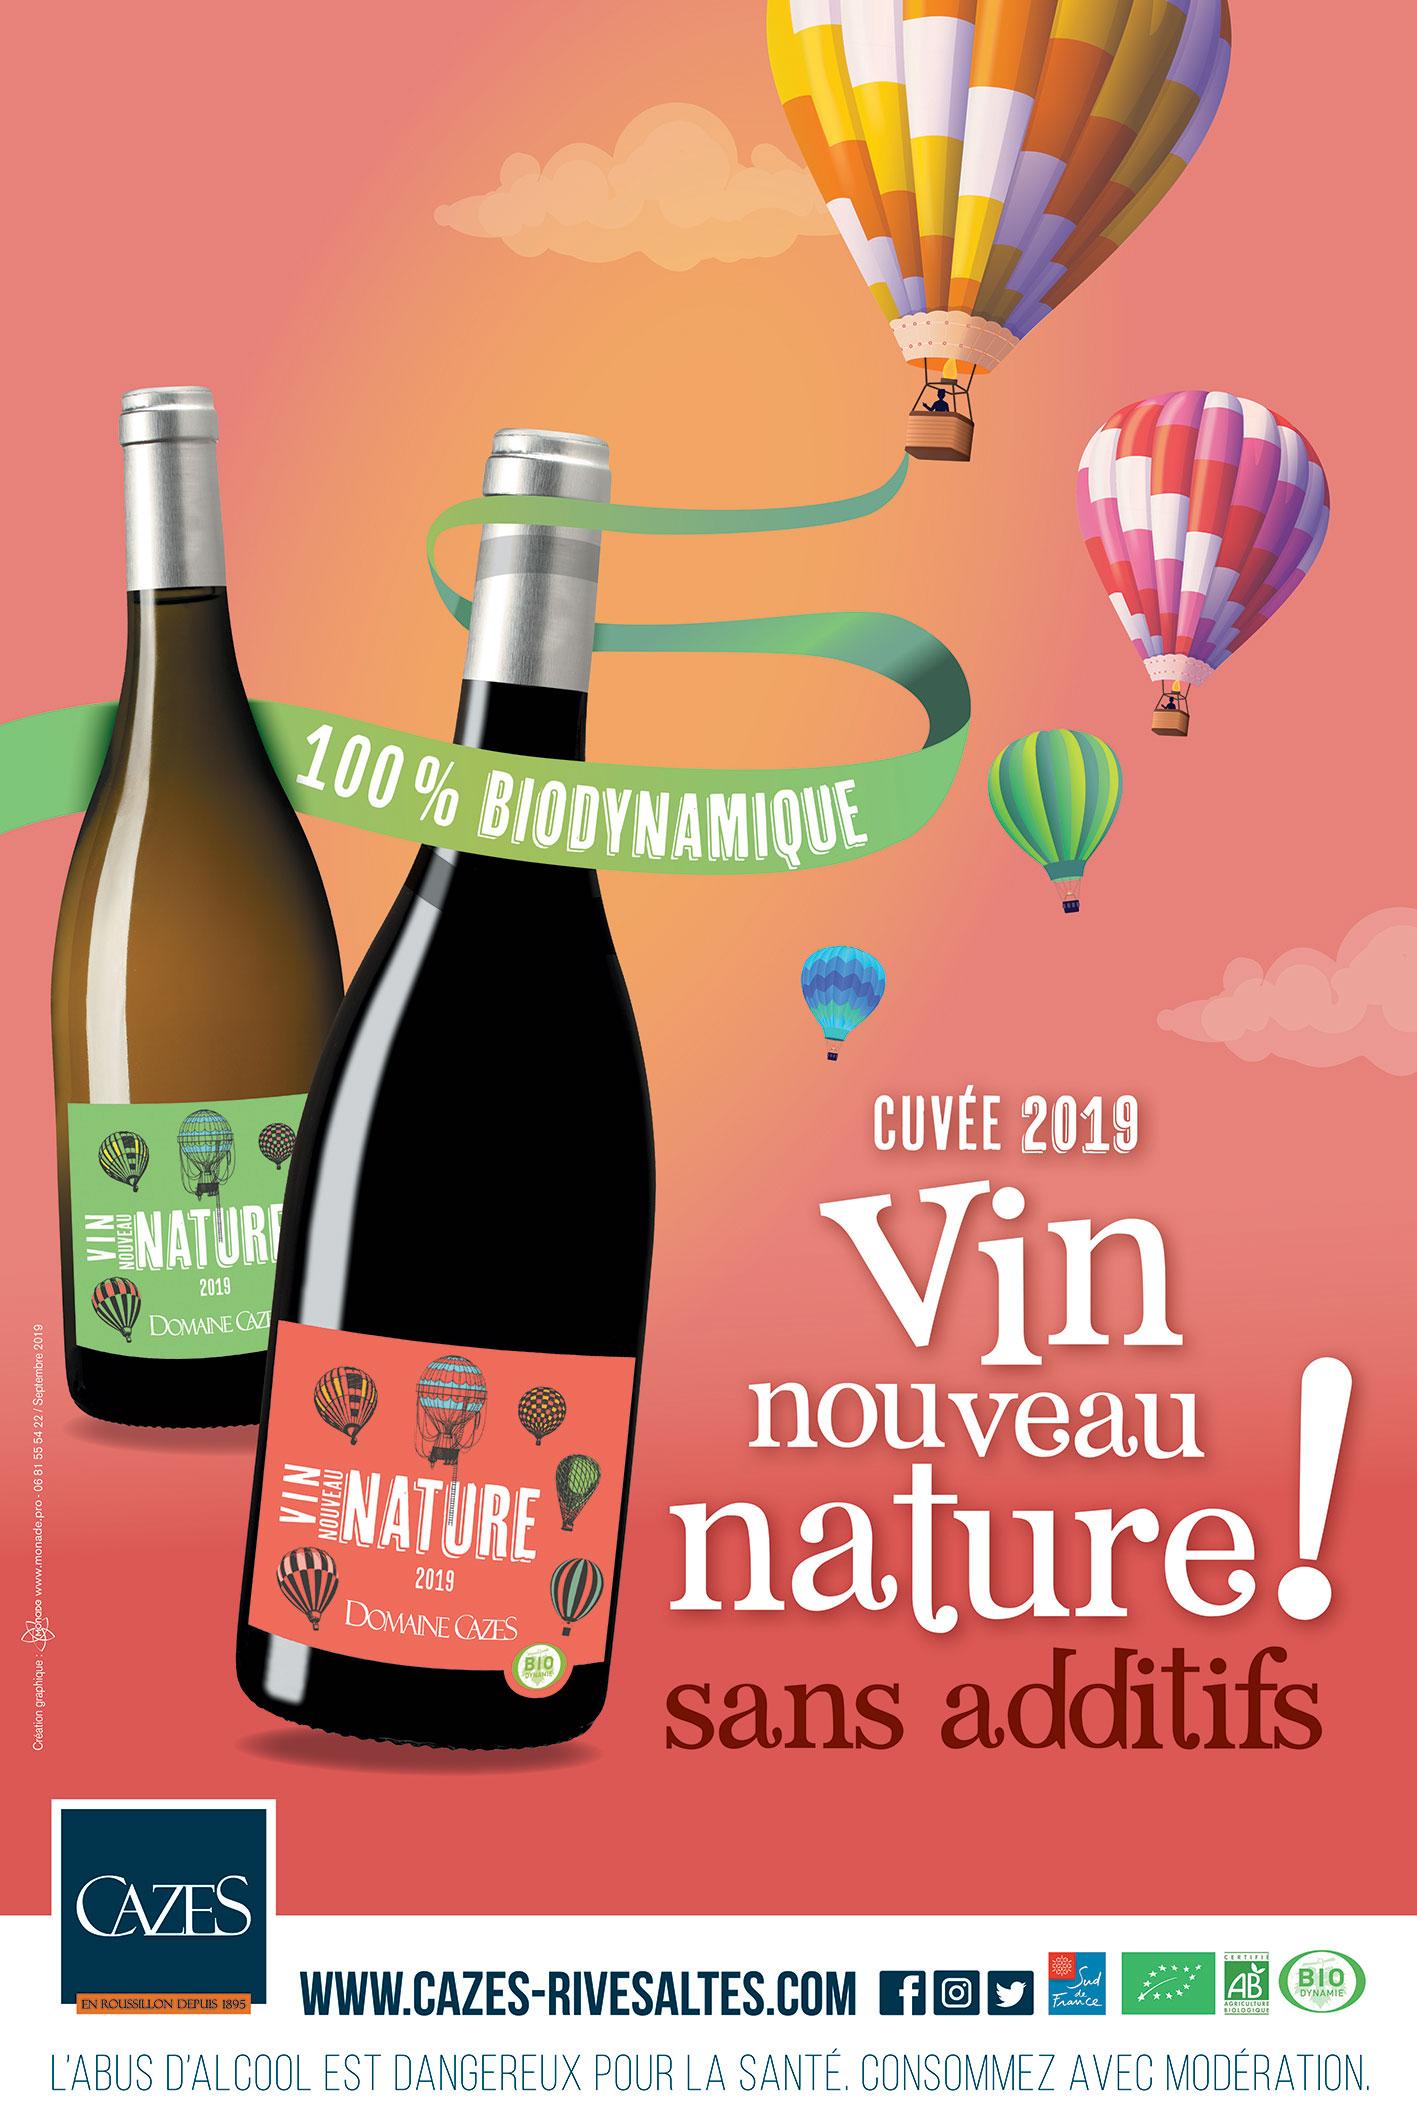 affiche-CAZES-vin-nouveau-01-72dpi.jpg